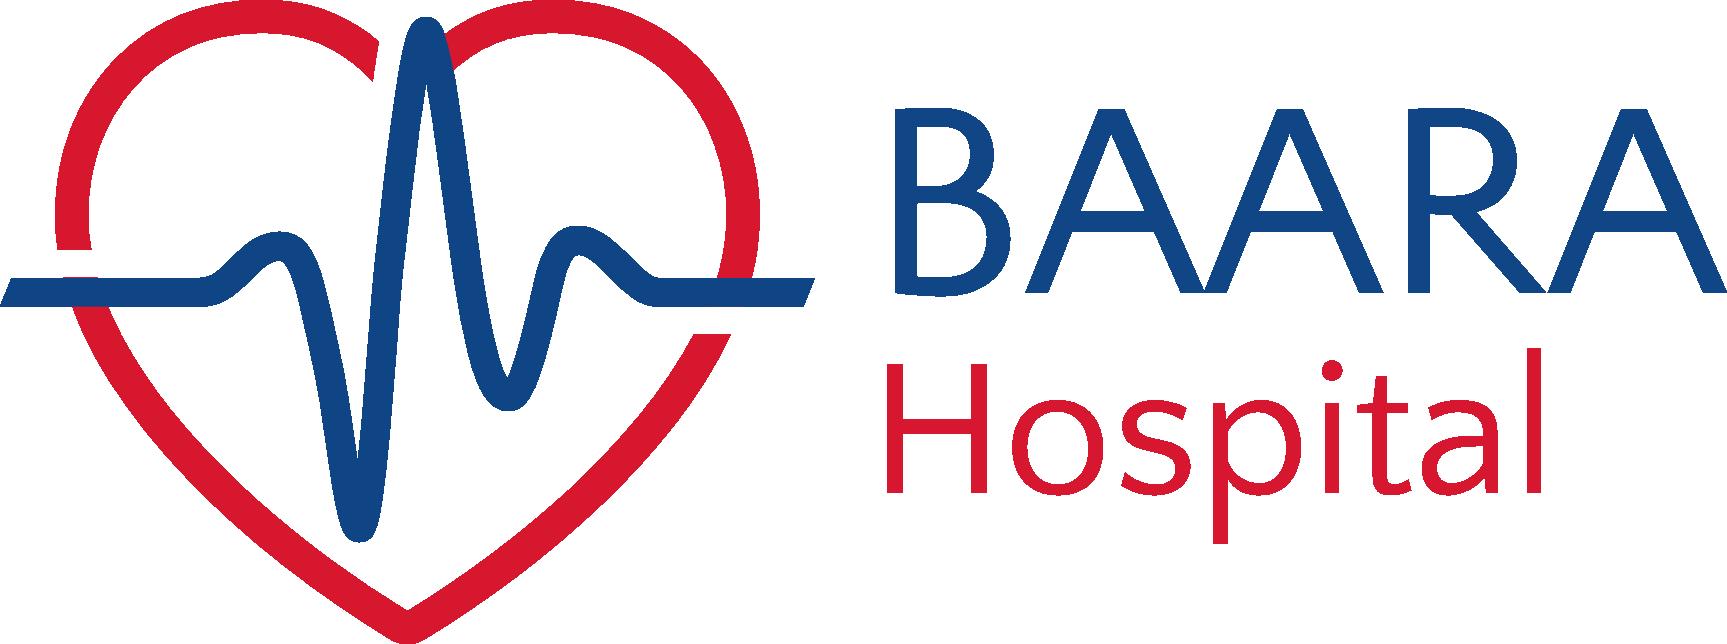 BAARA Hospital